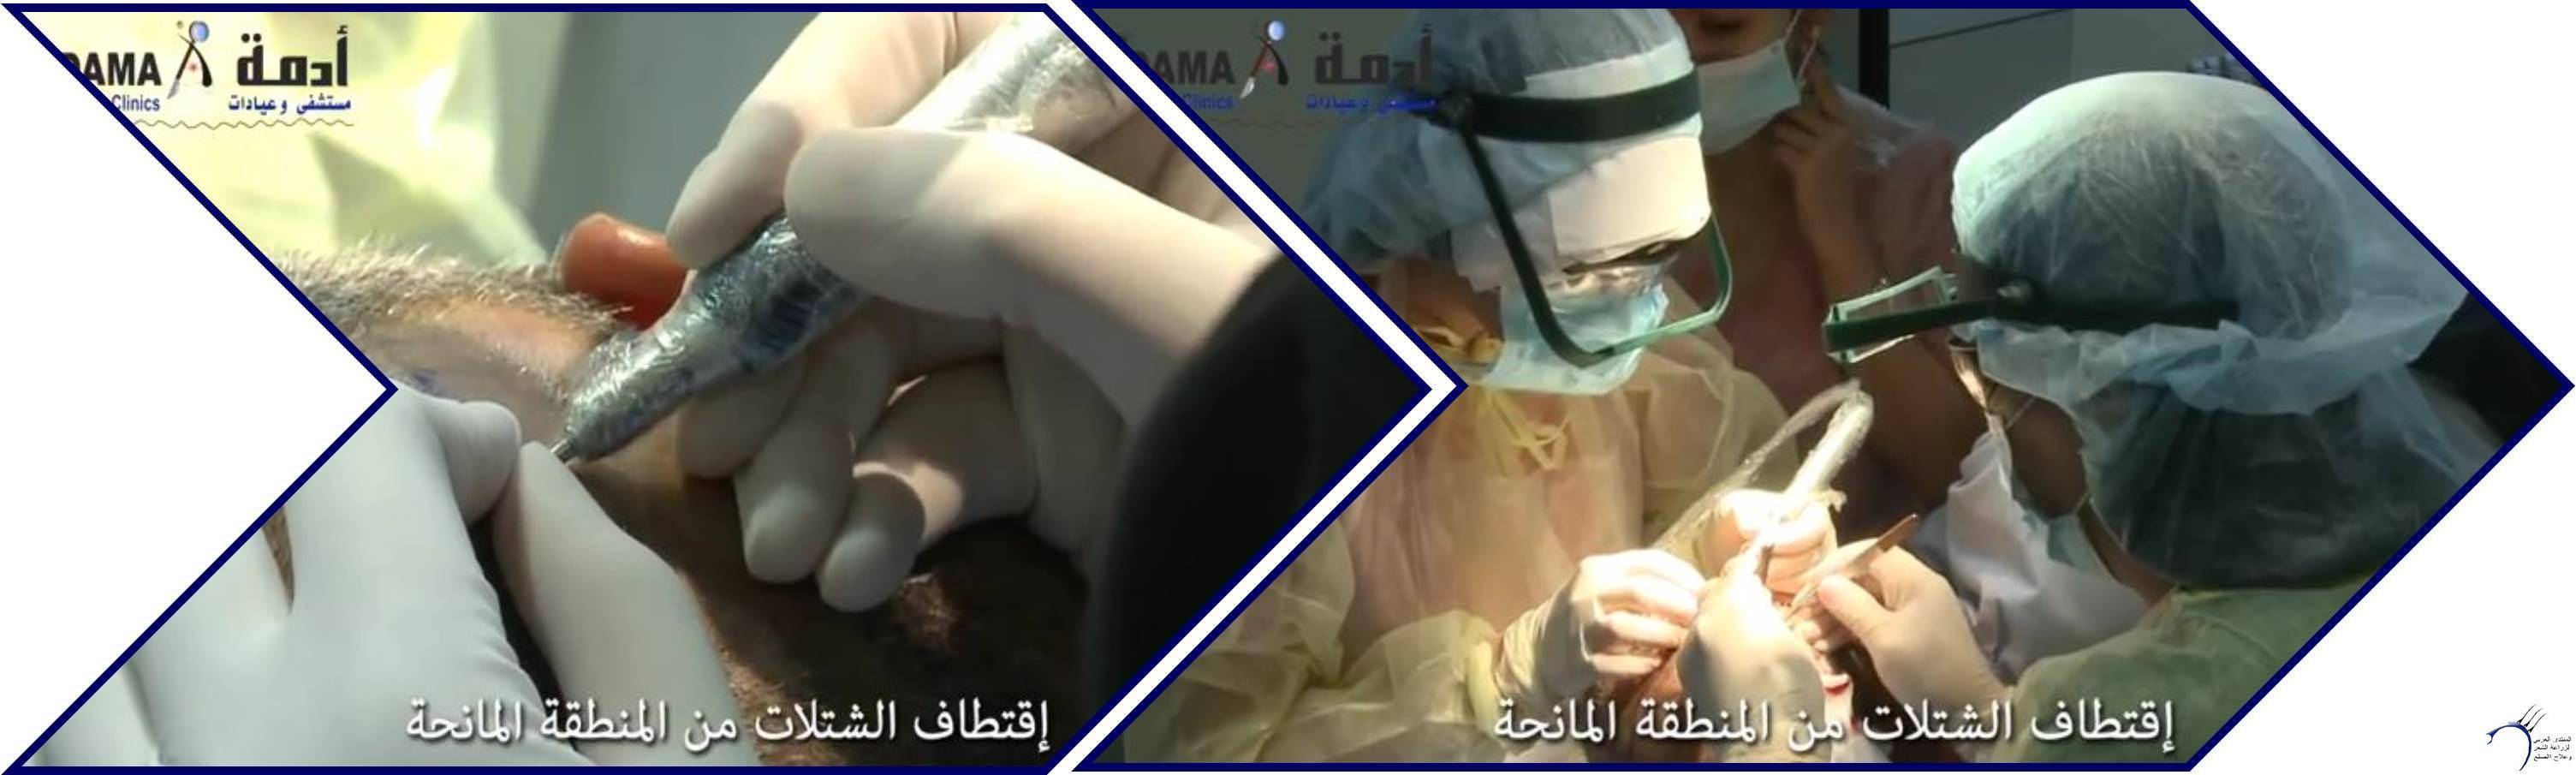 مشاكل الصلع وزراعة الشعر للدكتور www.hairarab.com30c5